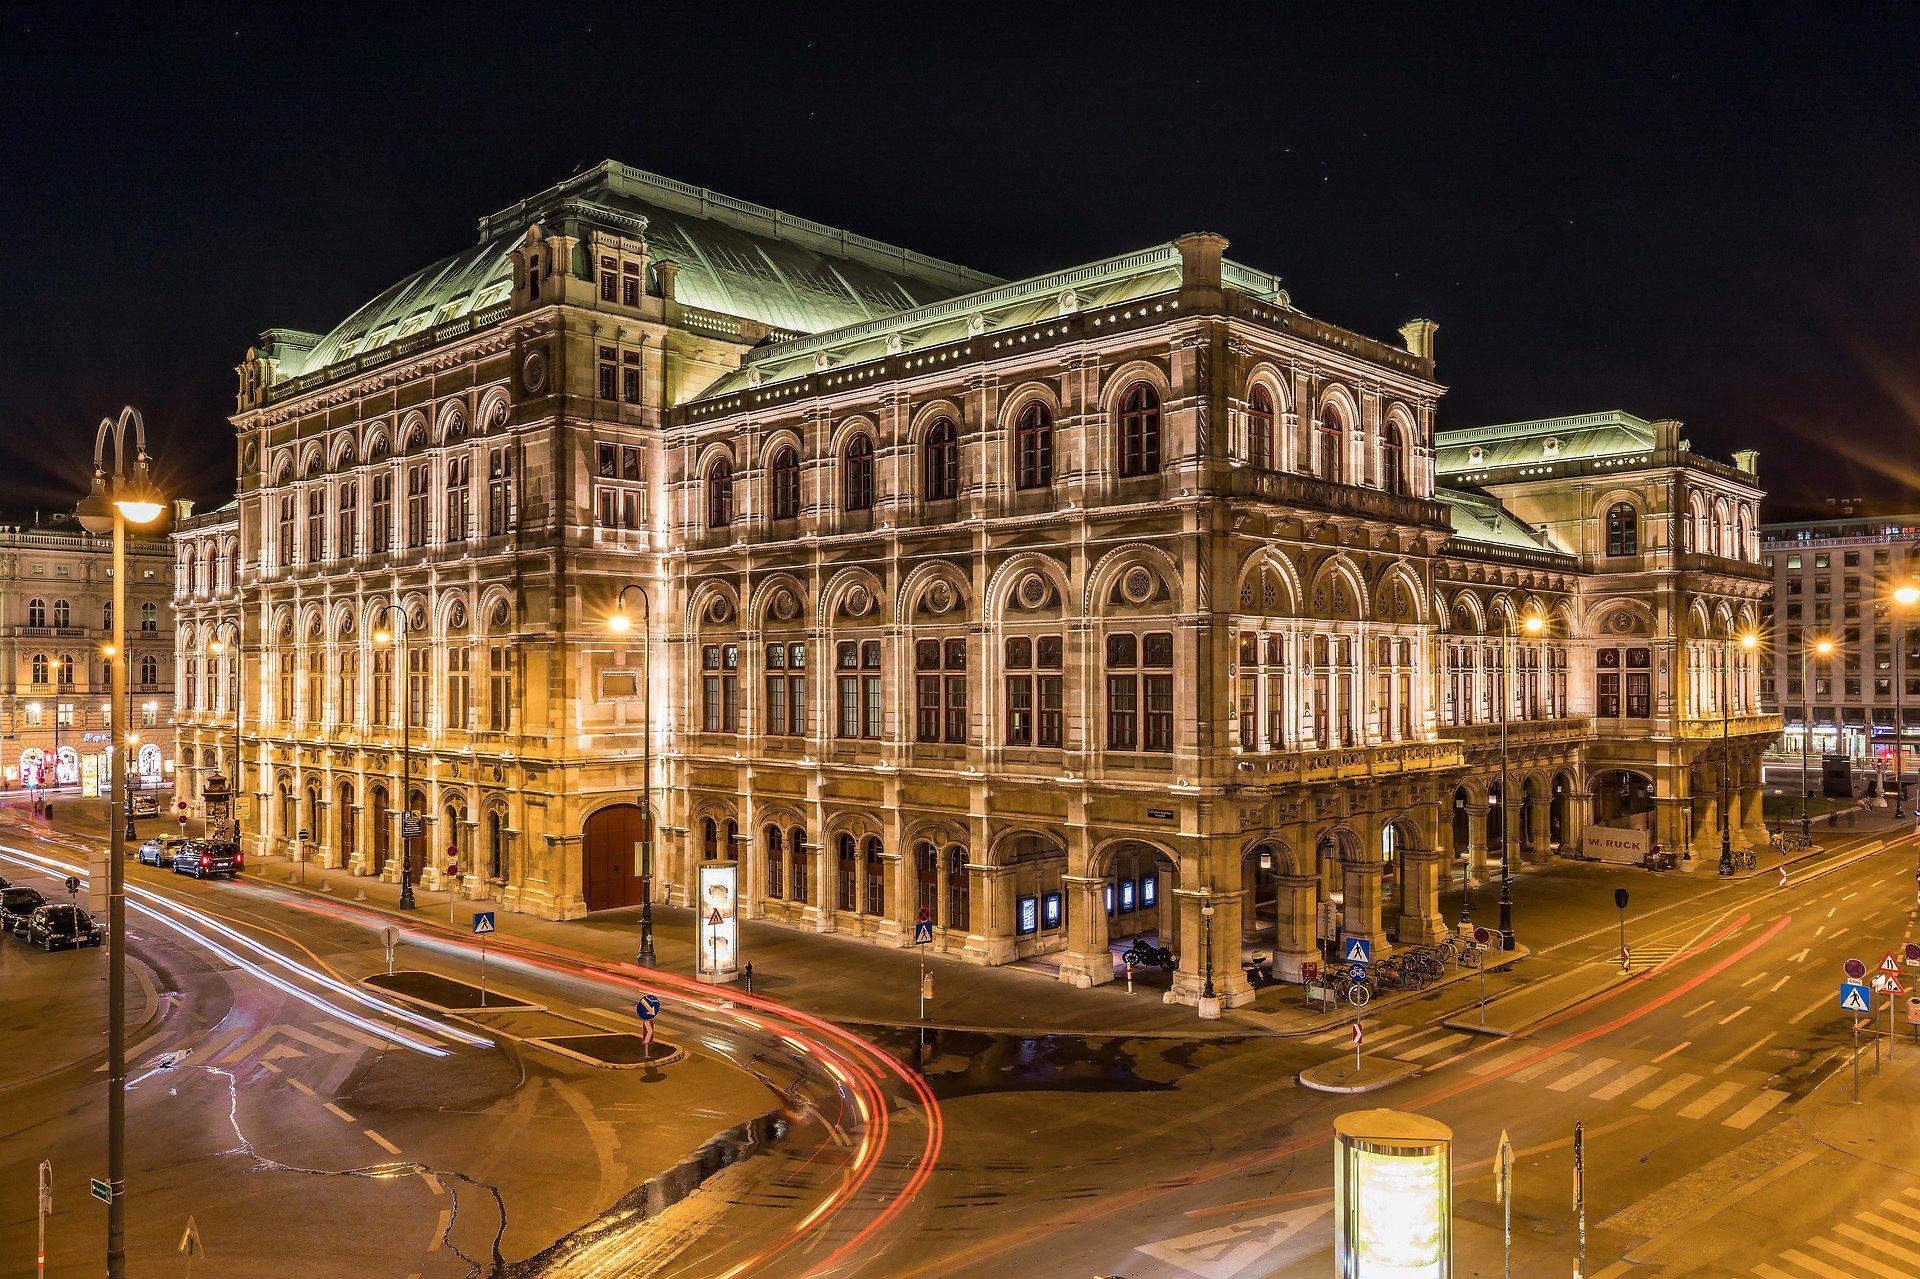 В Госдуму РФ внесен законопроект о ратификации протокола о внесении изменений в СОИДН с Австрией